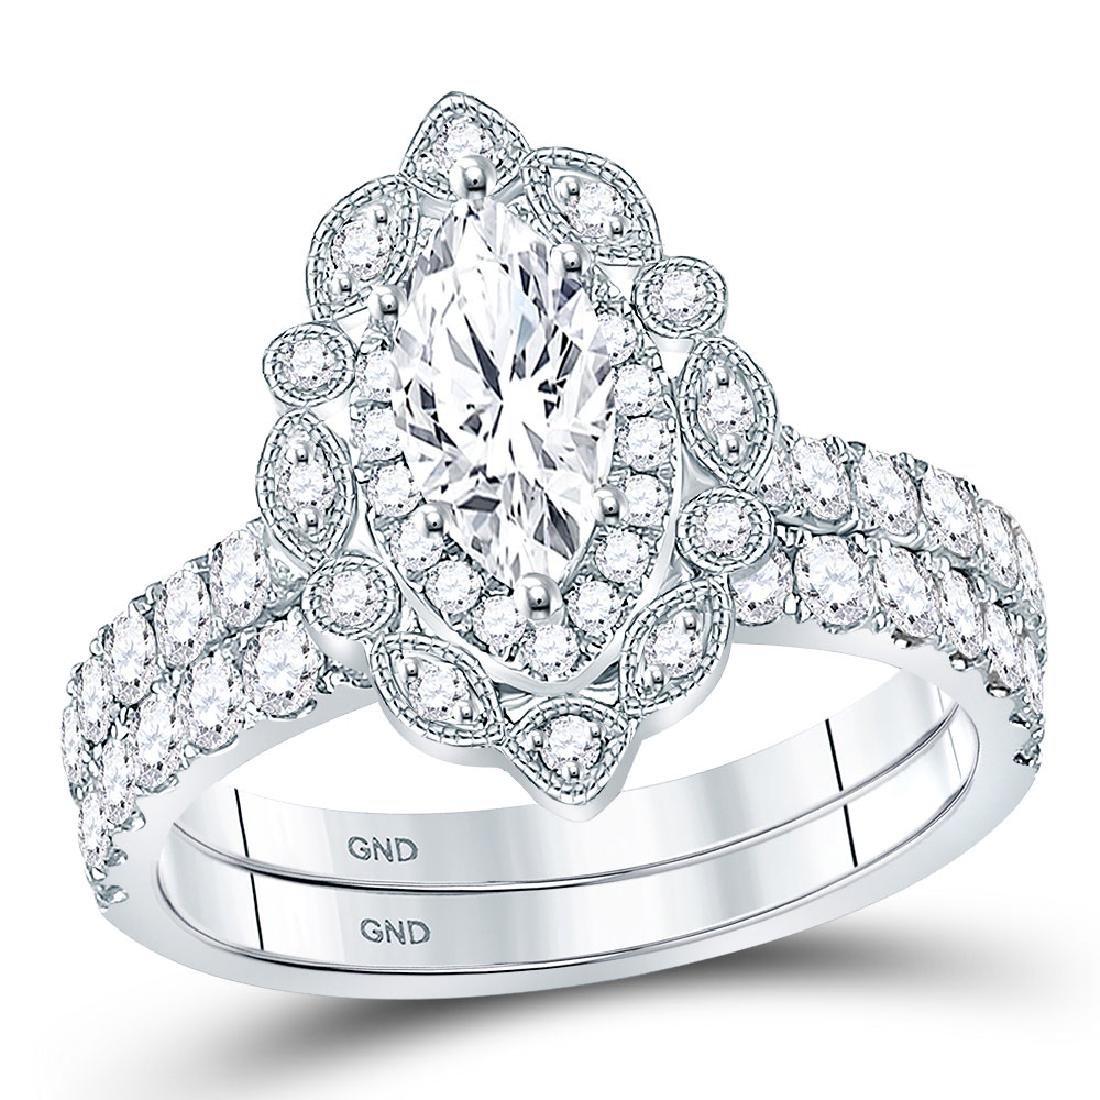 1.99 CTW Diamond Ring 14KT White Gold - REF-511K2W